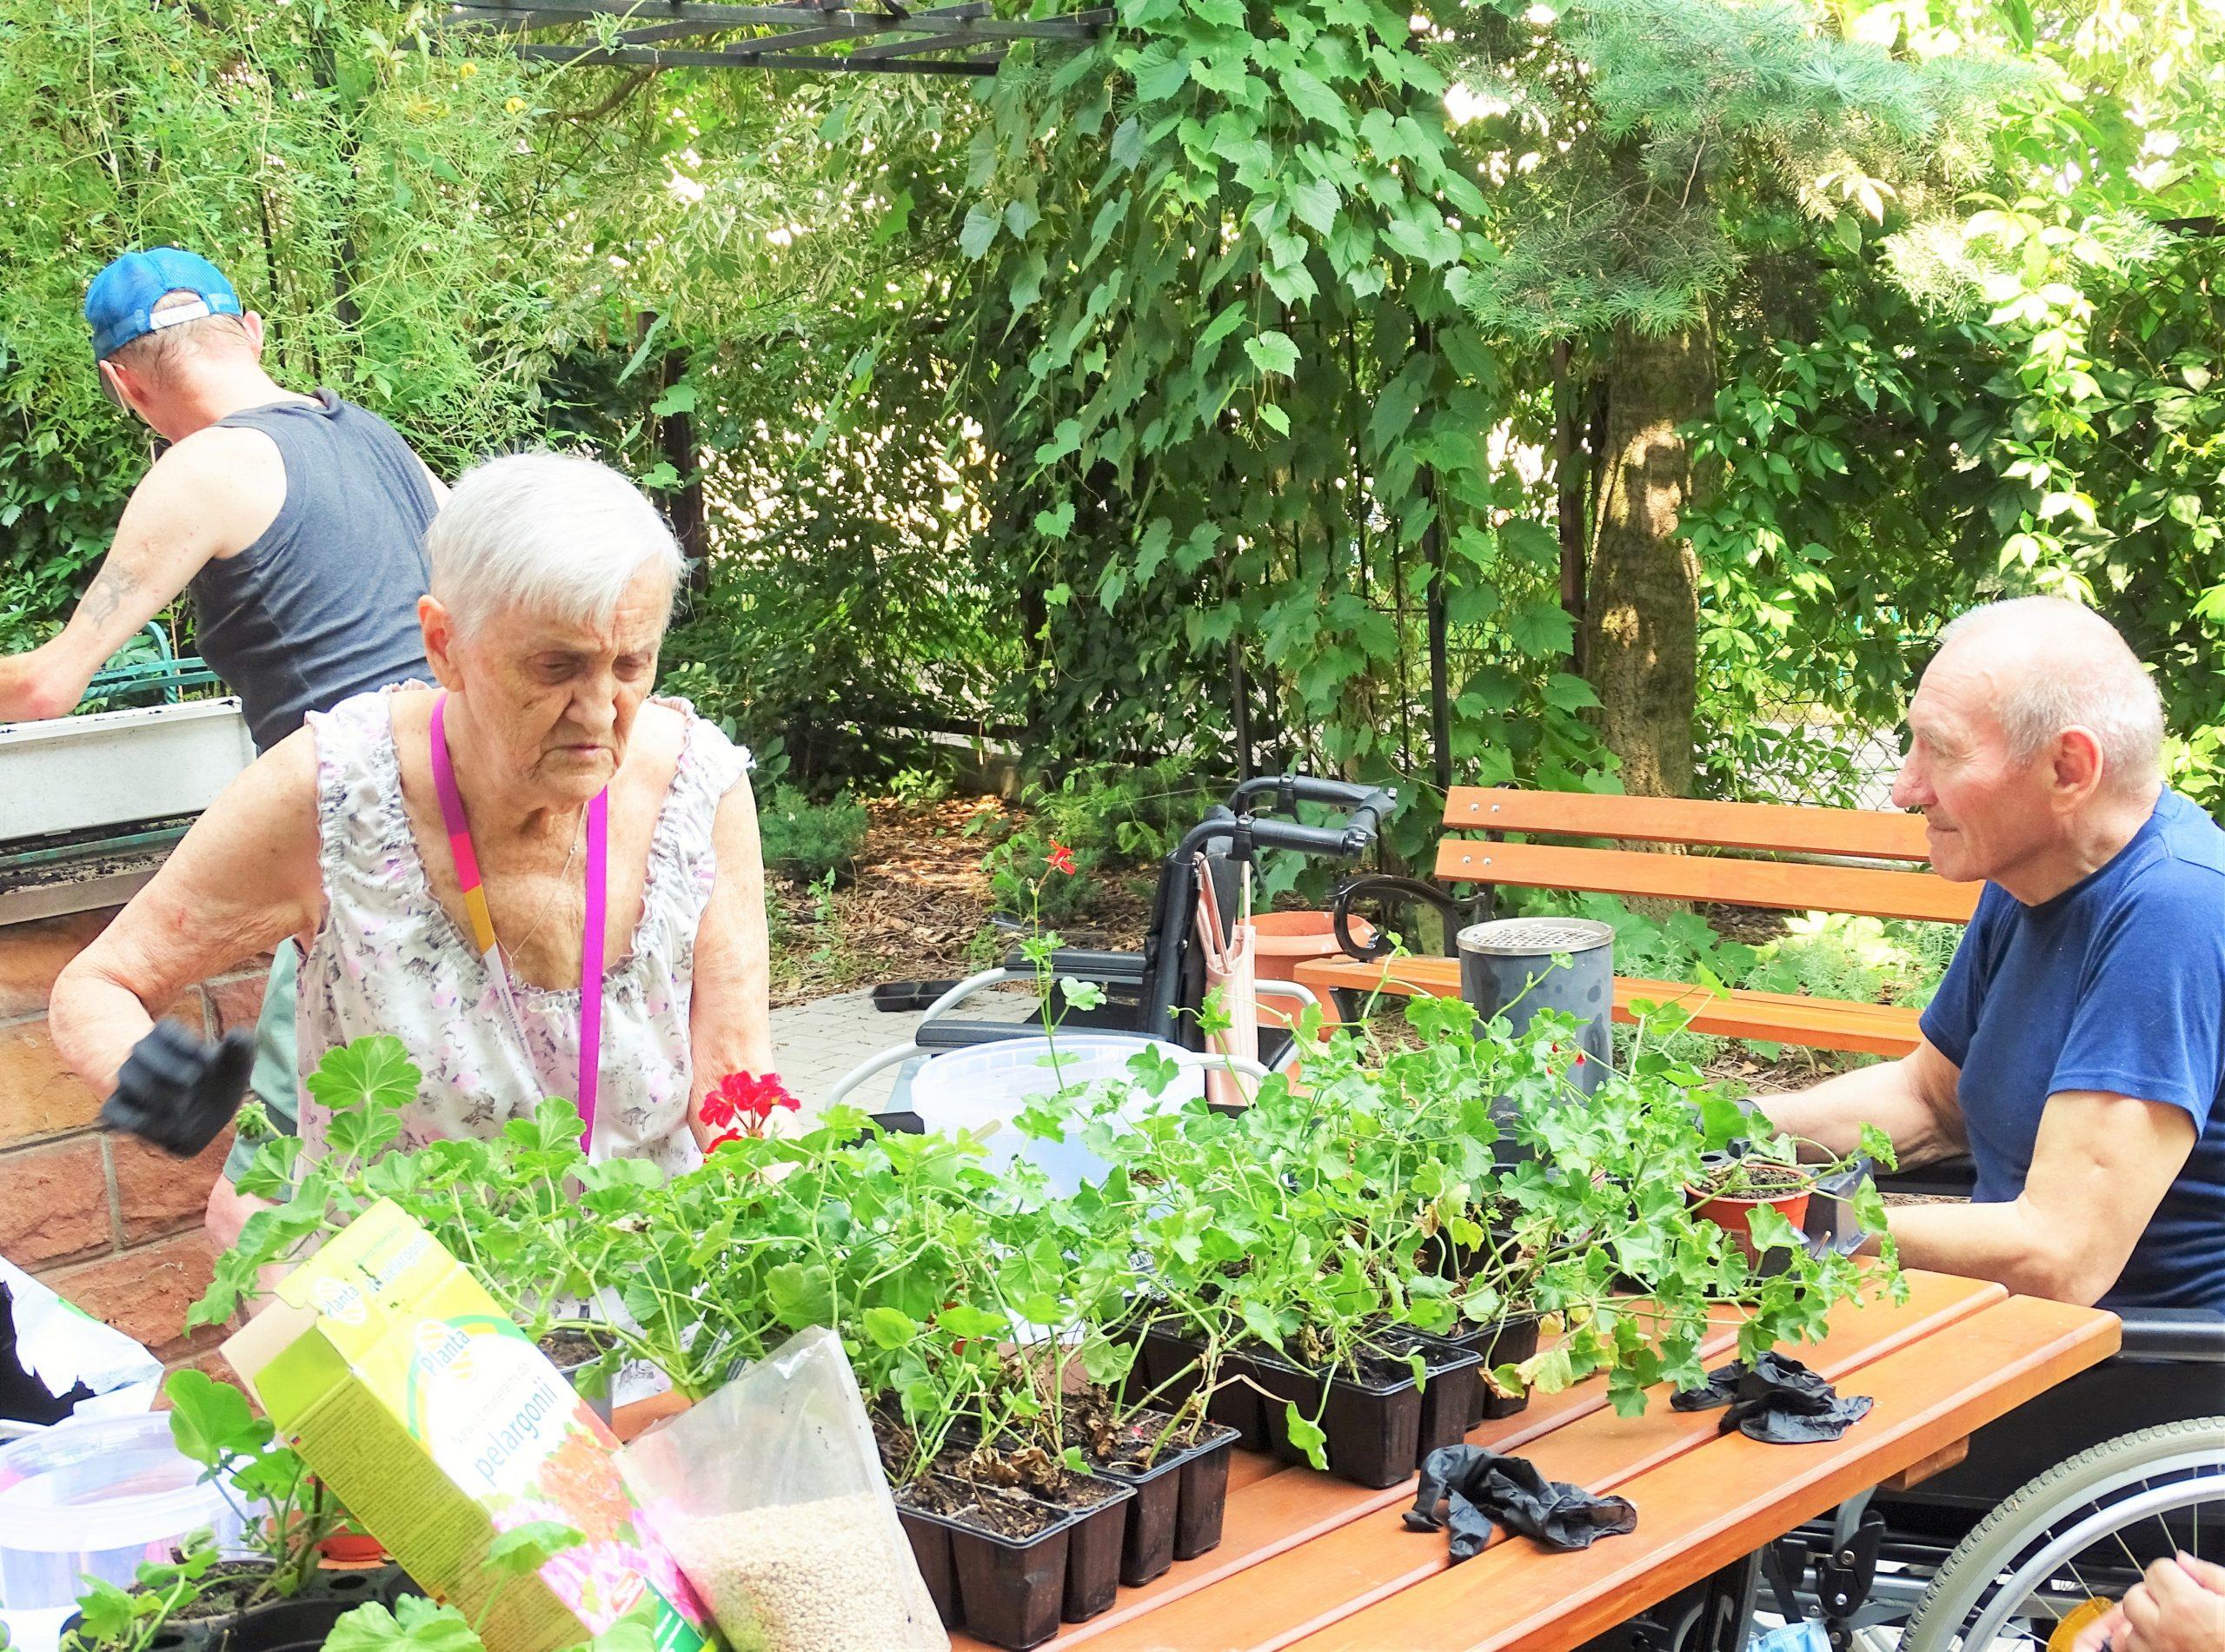 Mieszkańcy domu w ogrodzie sensorycznym przesadzają kwiaty